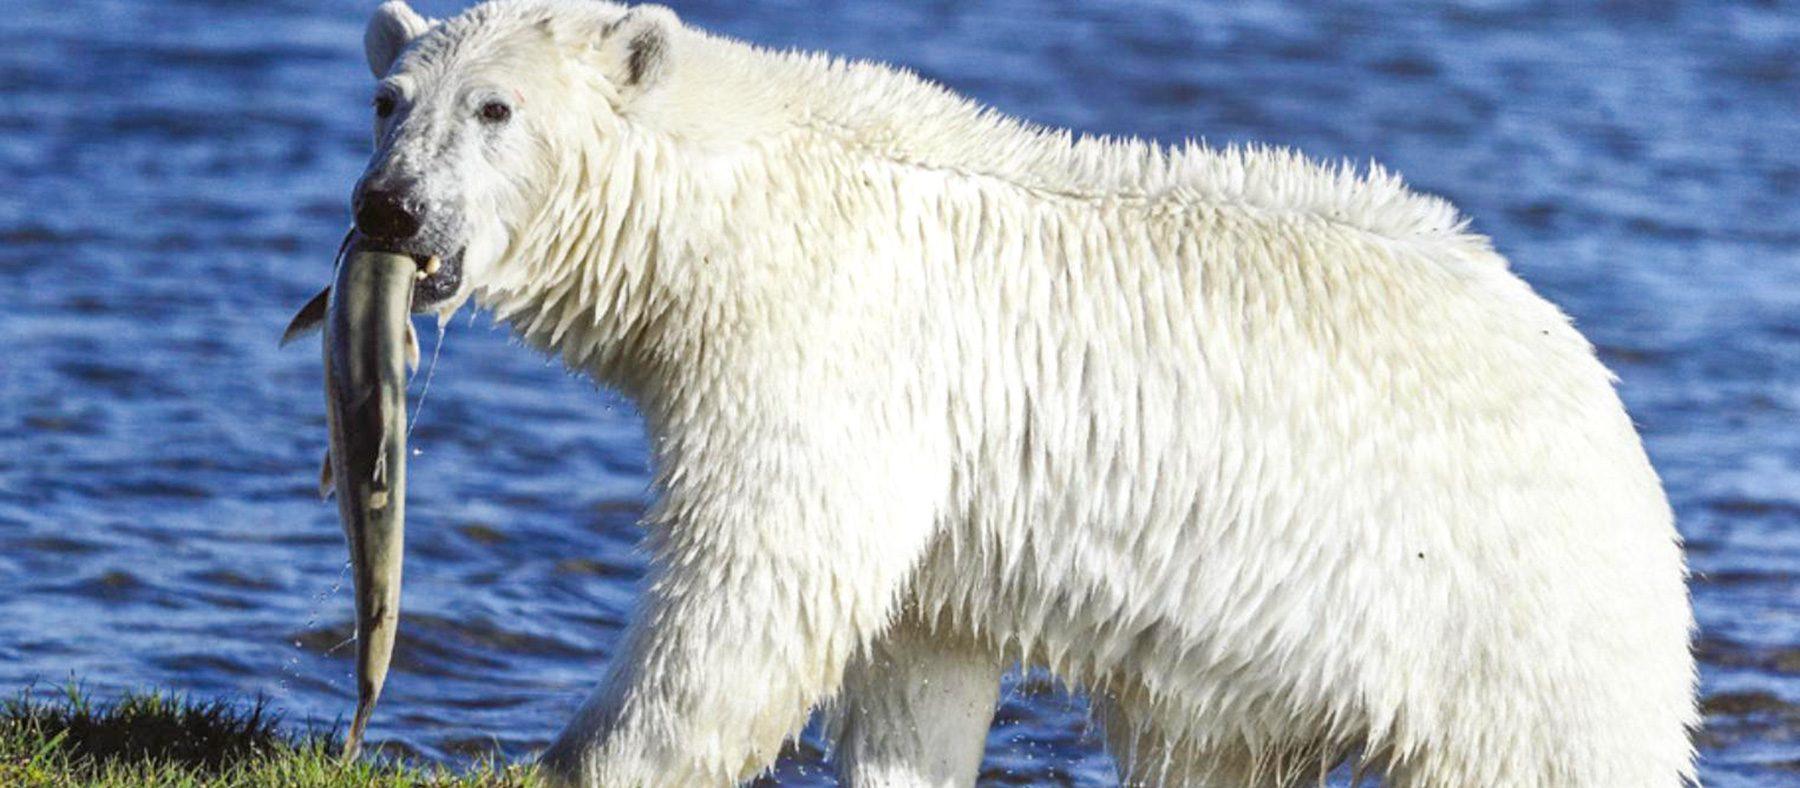 vivre-le-quebec-autochtone-observation-de-la-faune-ours-polaire-quebec-le-mag